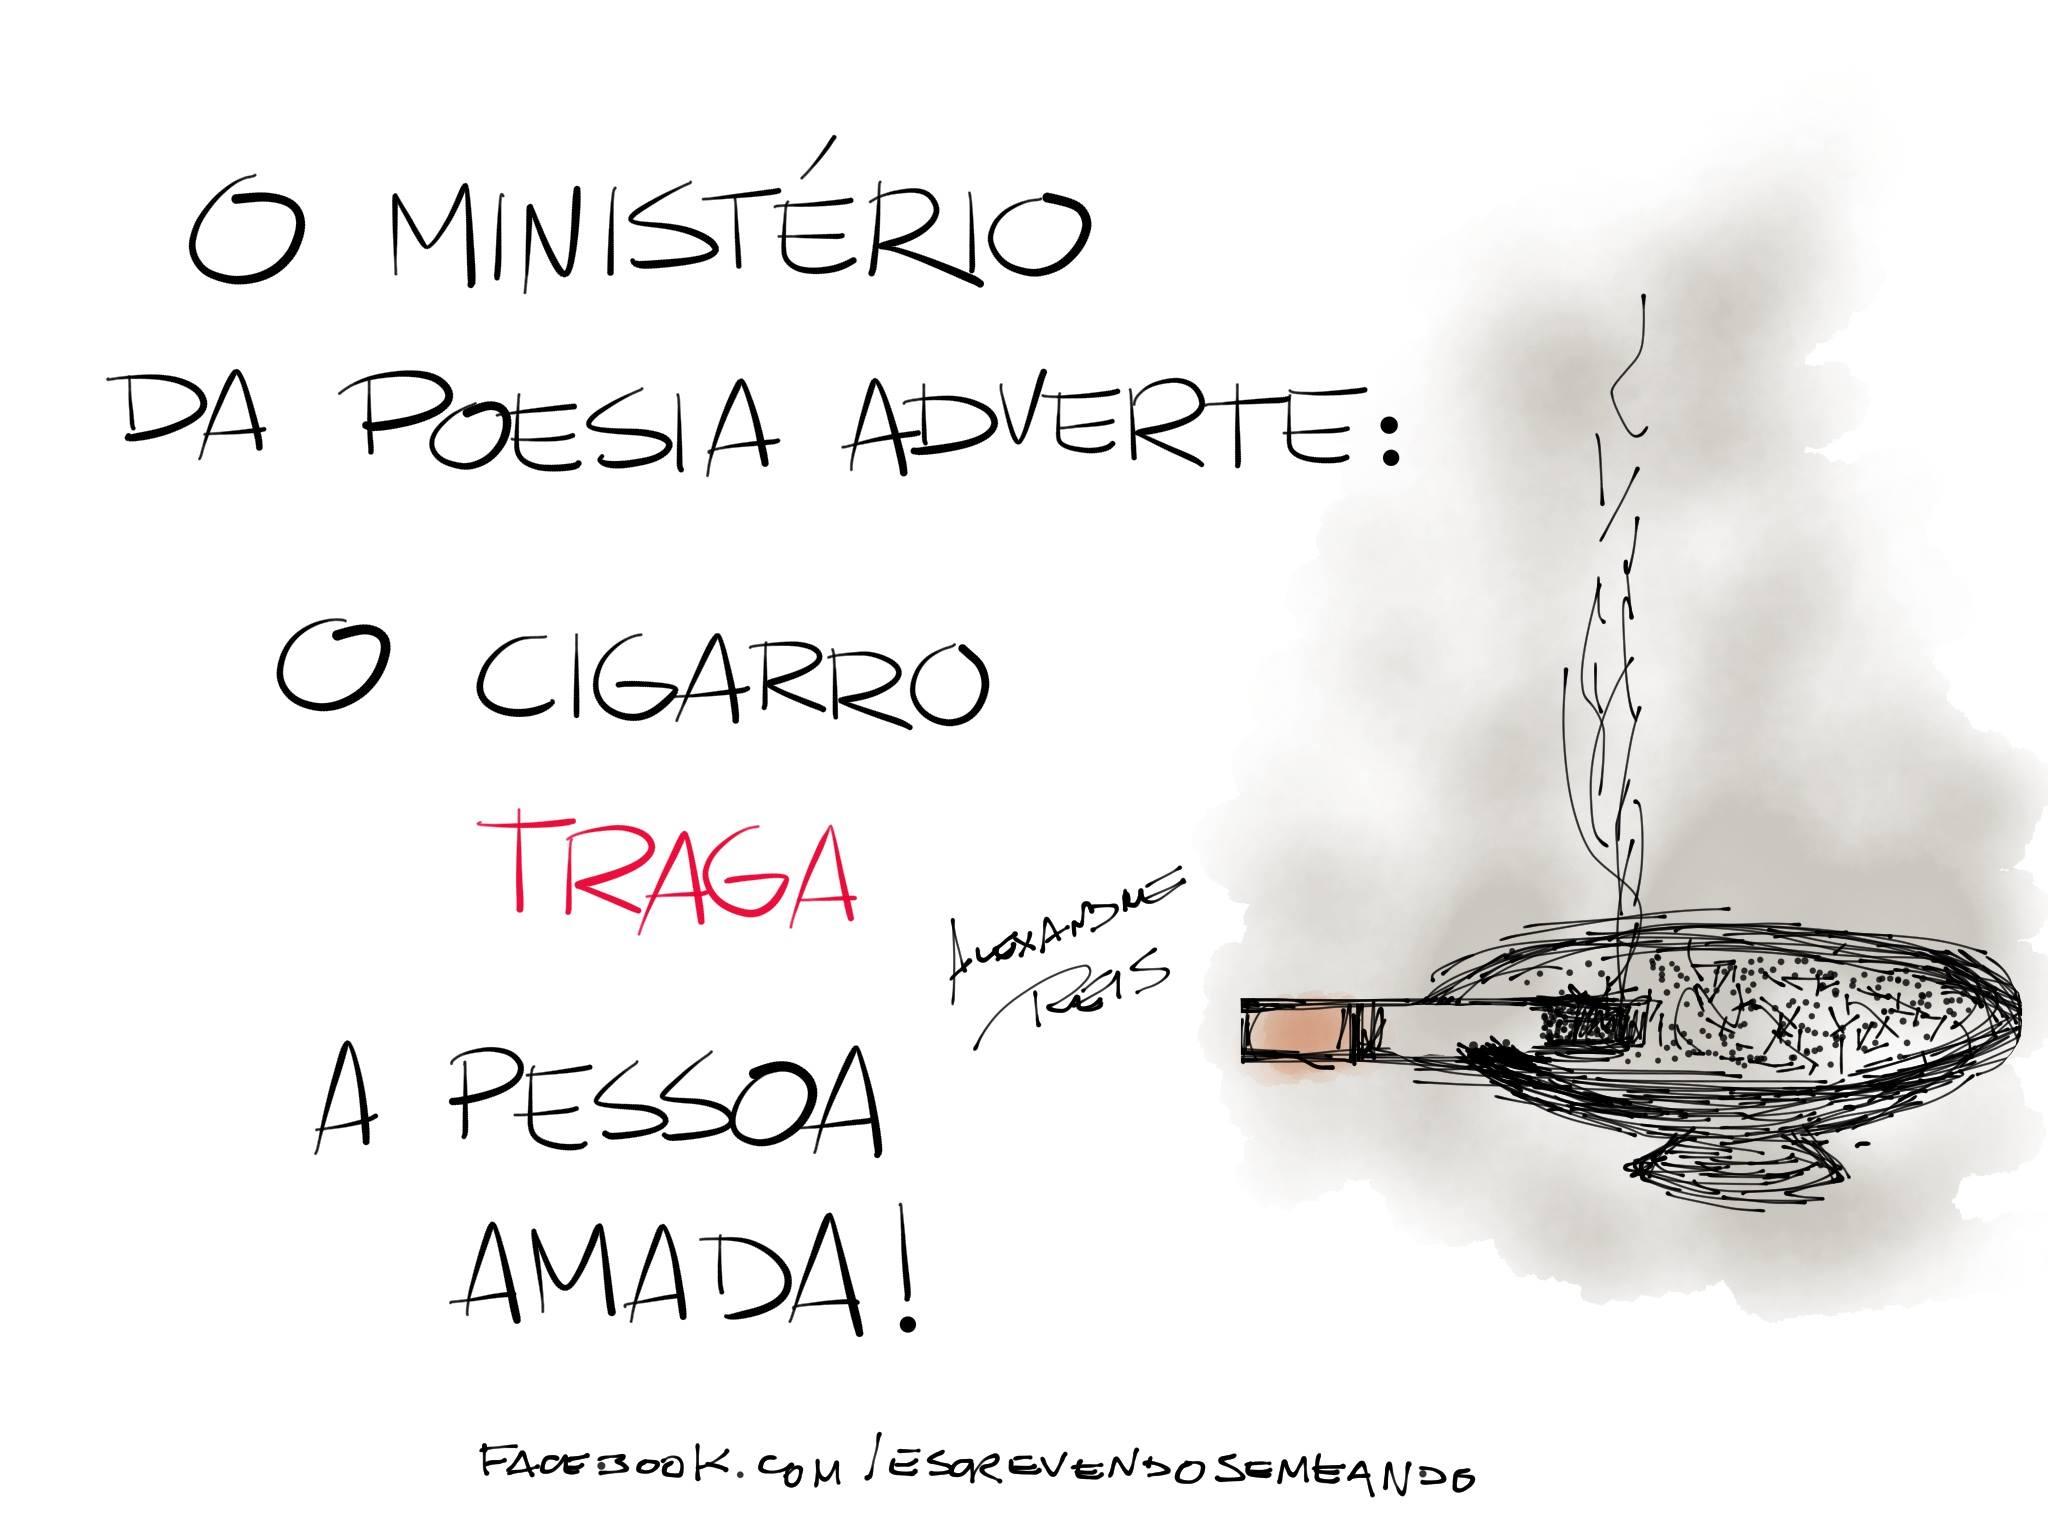 O Ministério Da Poesia Adverte O Cigarro Traga A Pessoa Amada